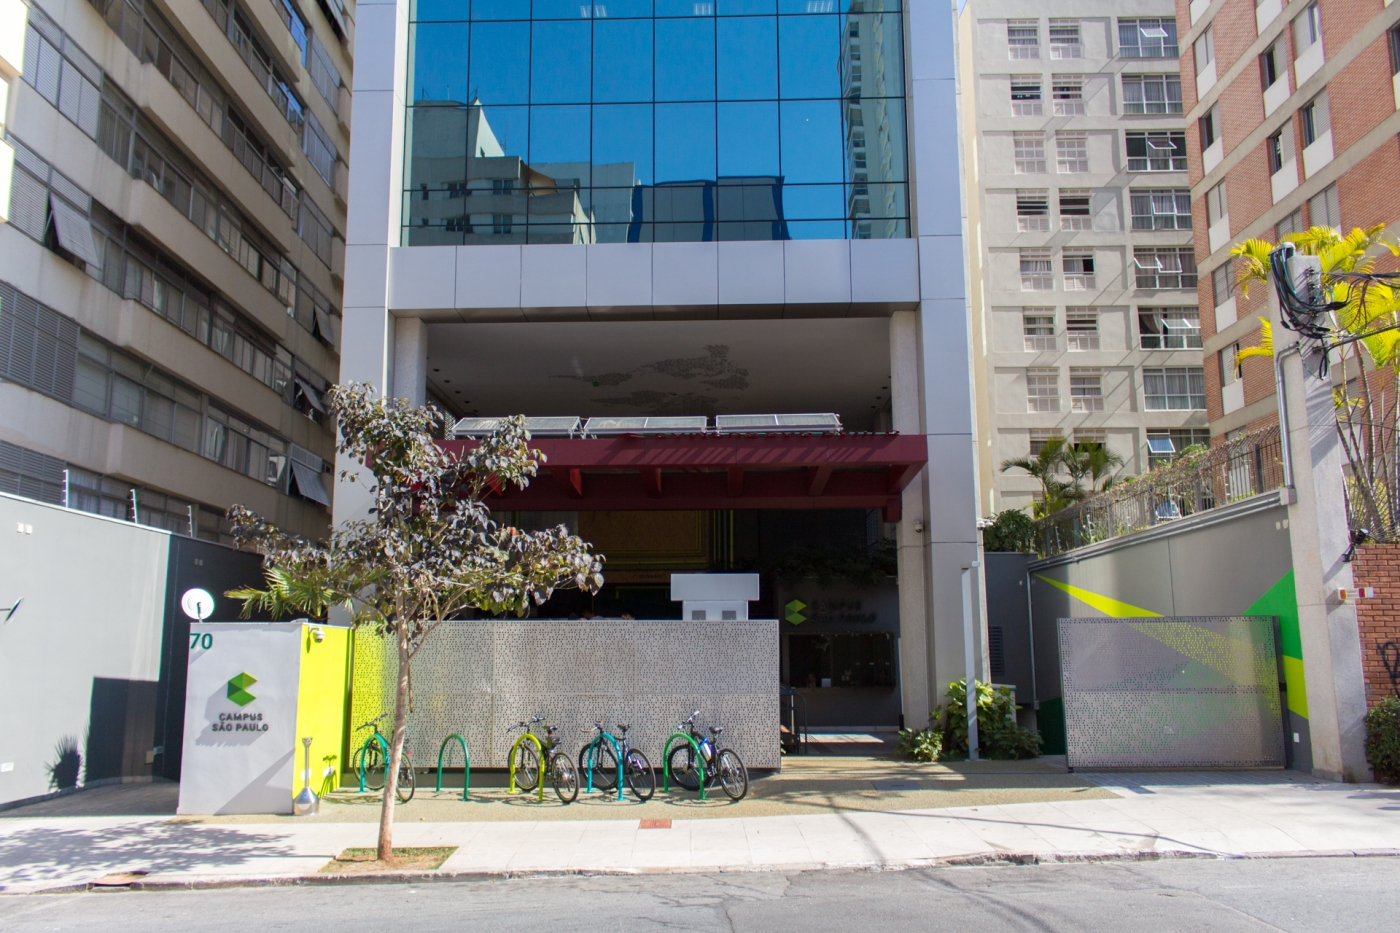 O espaço de trabalho compartilhado do Google abriu em São Paulo há três meses. A tecnologia, a gratuidade a estrutura física impressionam, mas ainda não dá para dizer que a comunidade é integrada.